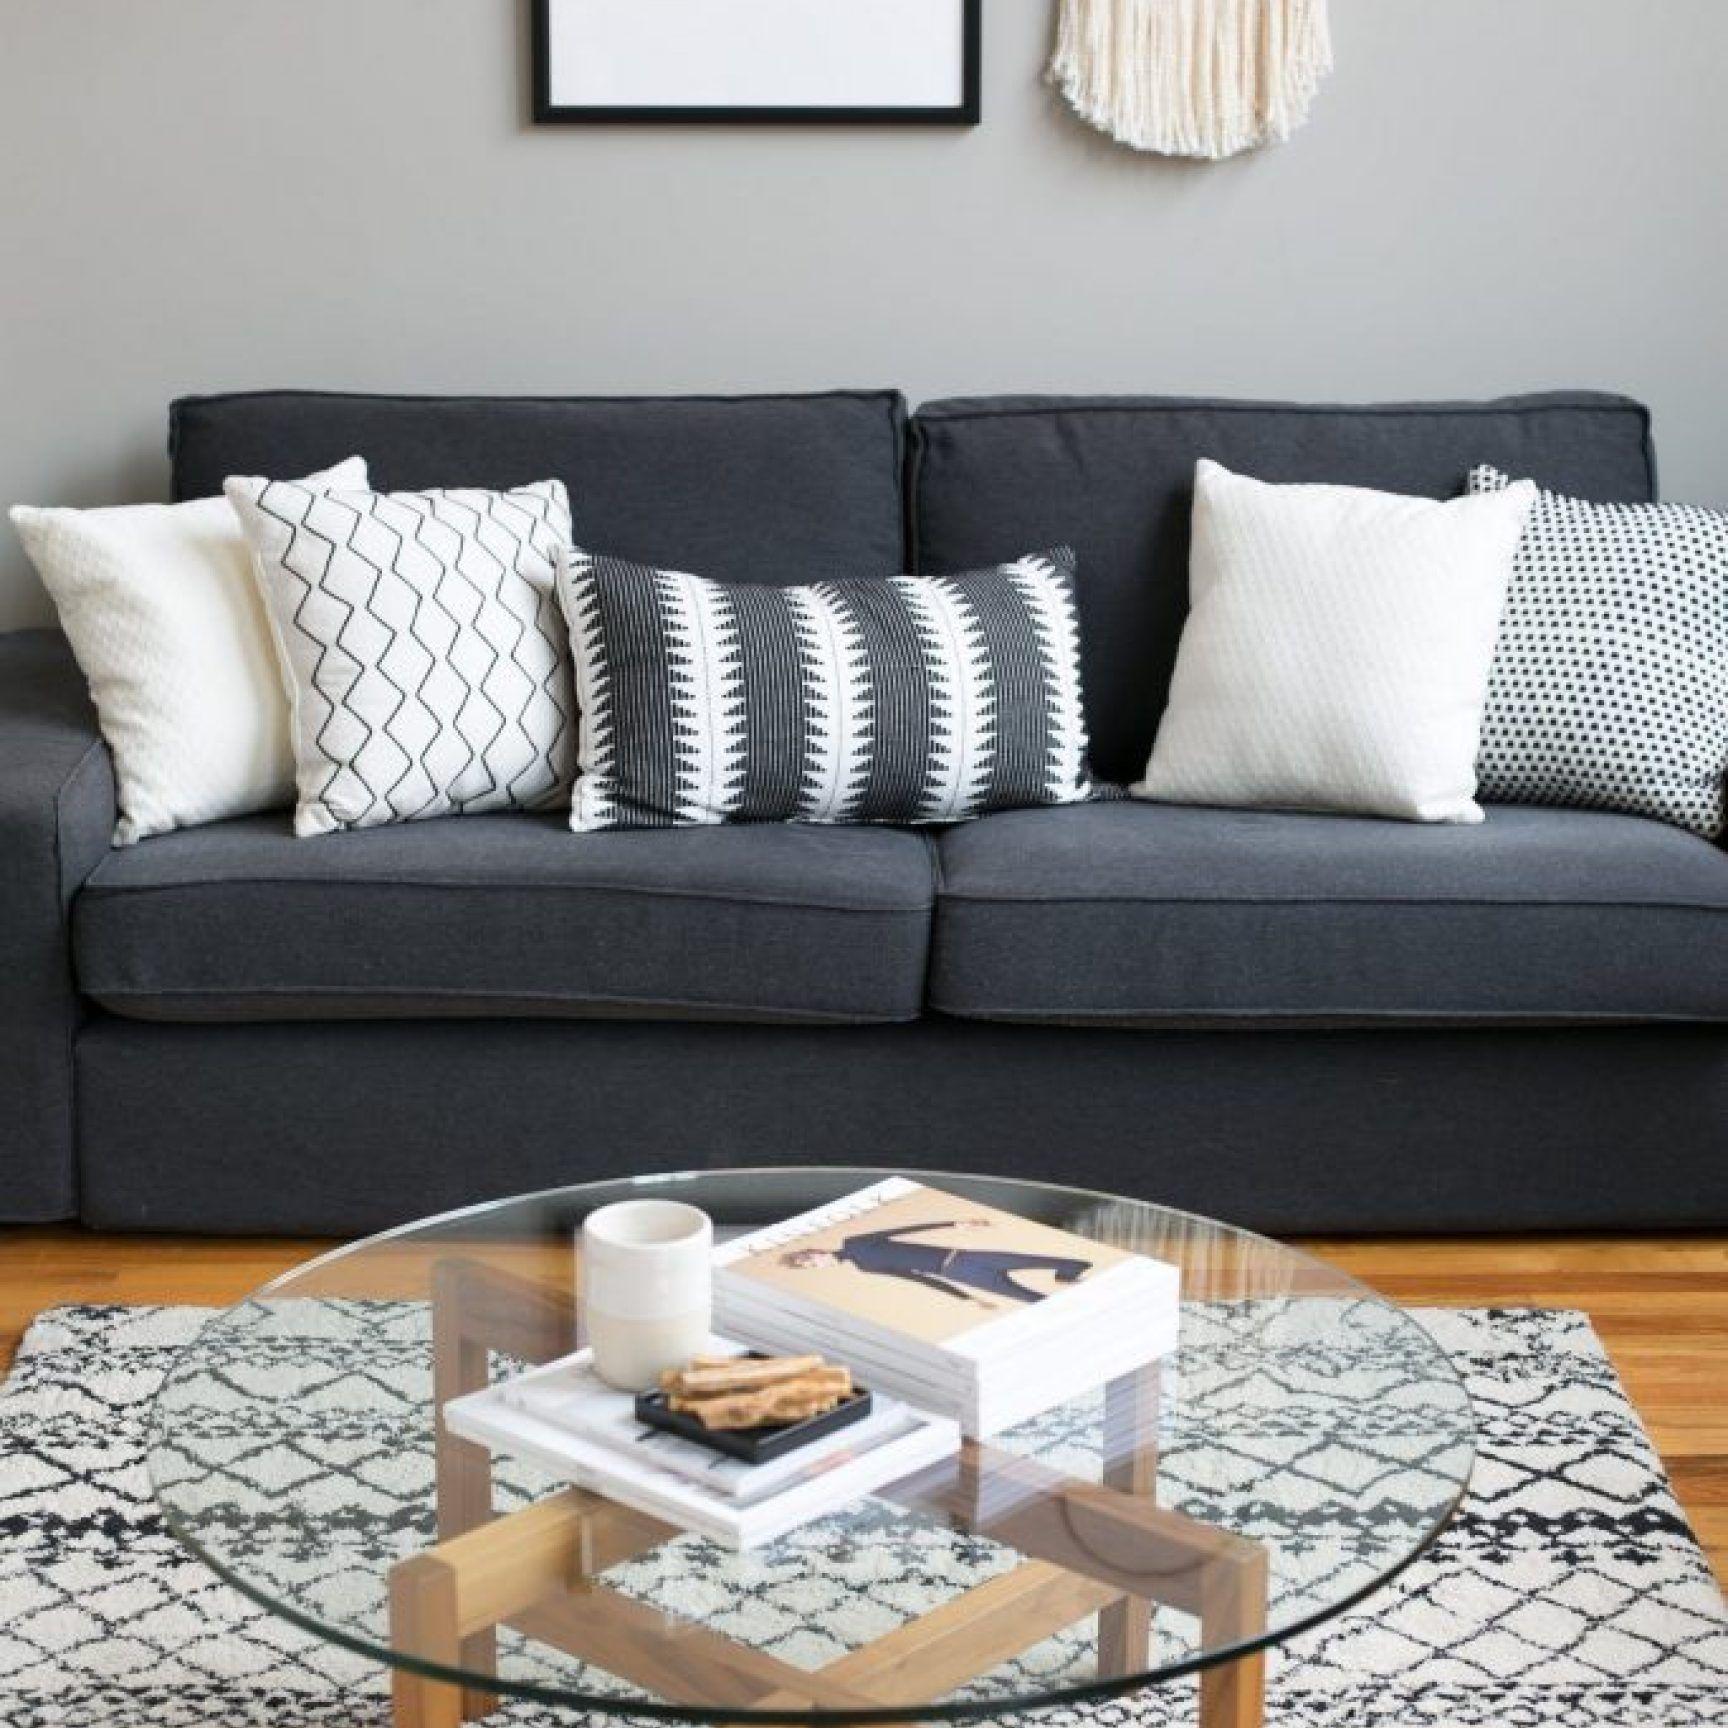 42 The Hidden Truth About Dark Grey Couches Living Room Ideas Exposed Homesuk Couches Dark Ex In 2020 Graue Couch Wohnzimmer Wohnzimmer Grau Wohnung Wohnzimmer